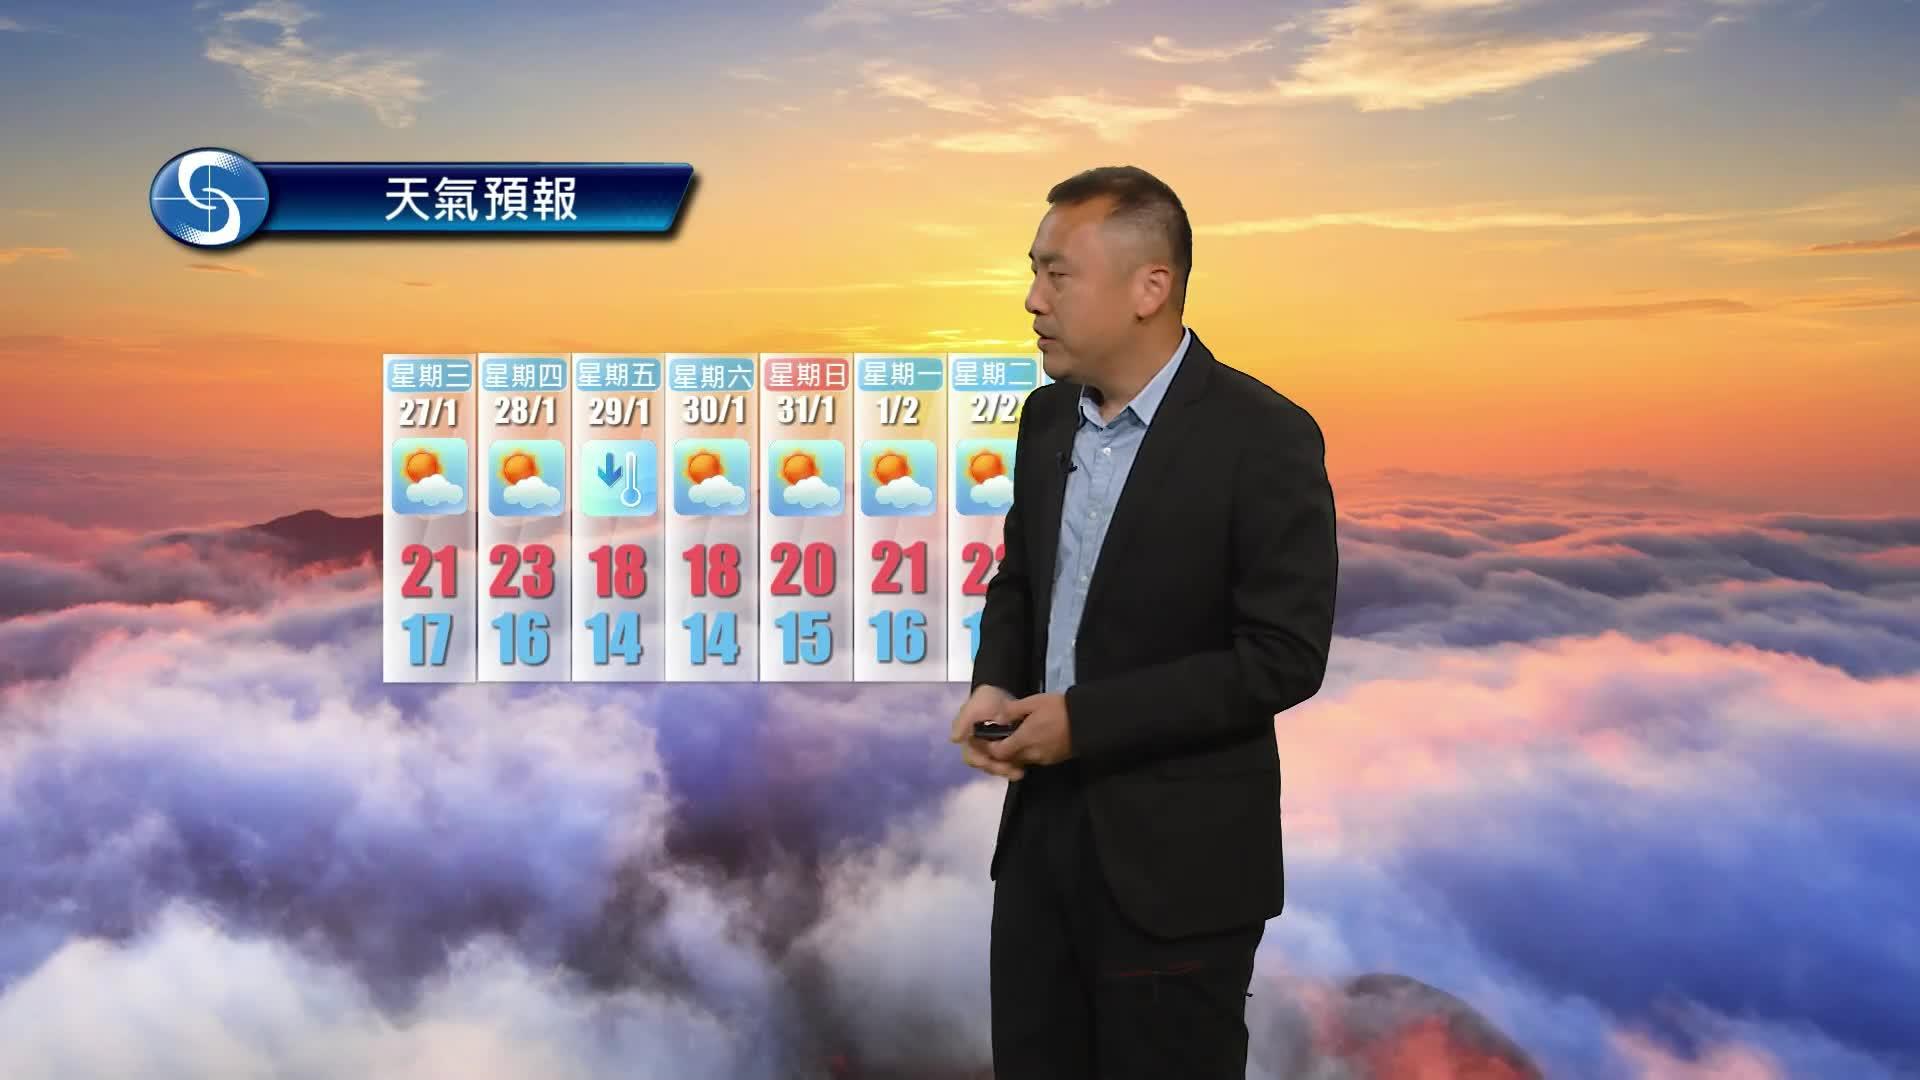 早晨天氣節目(01月26日上午7時) - 科學主任沈志泰